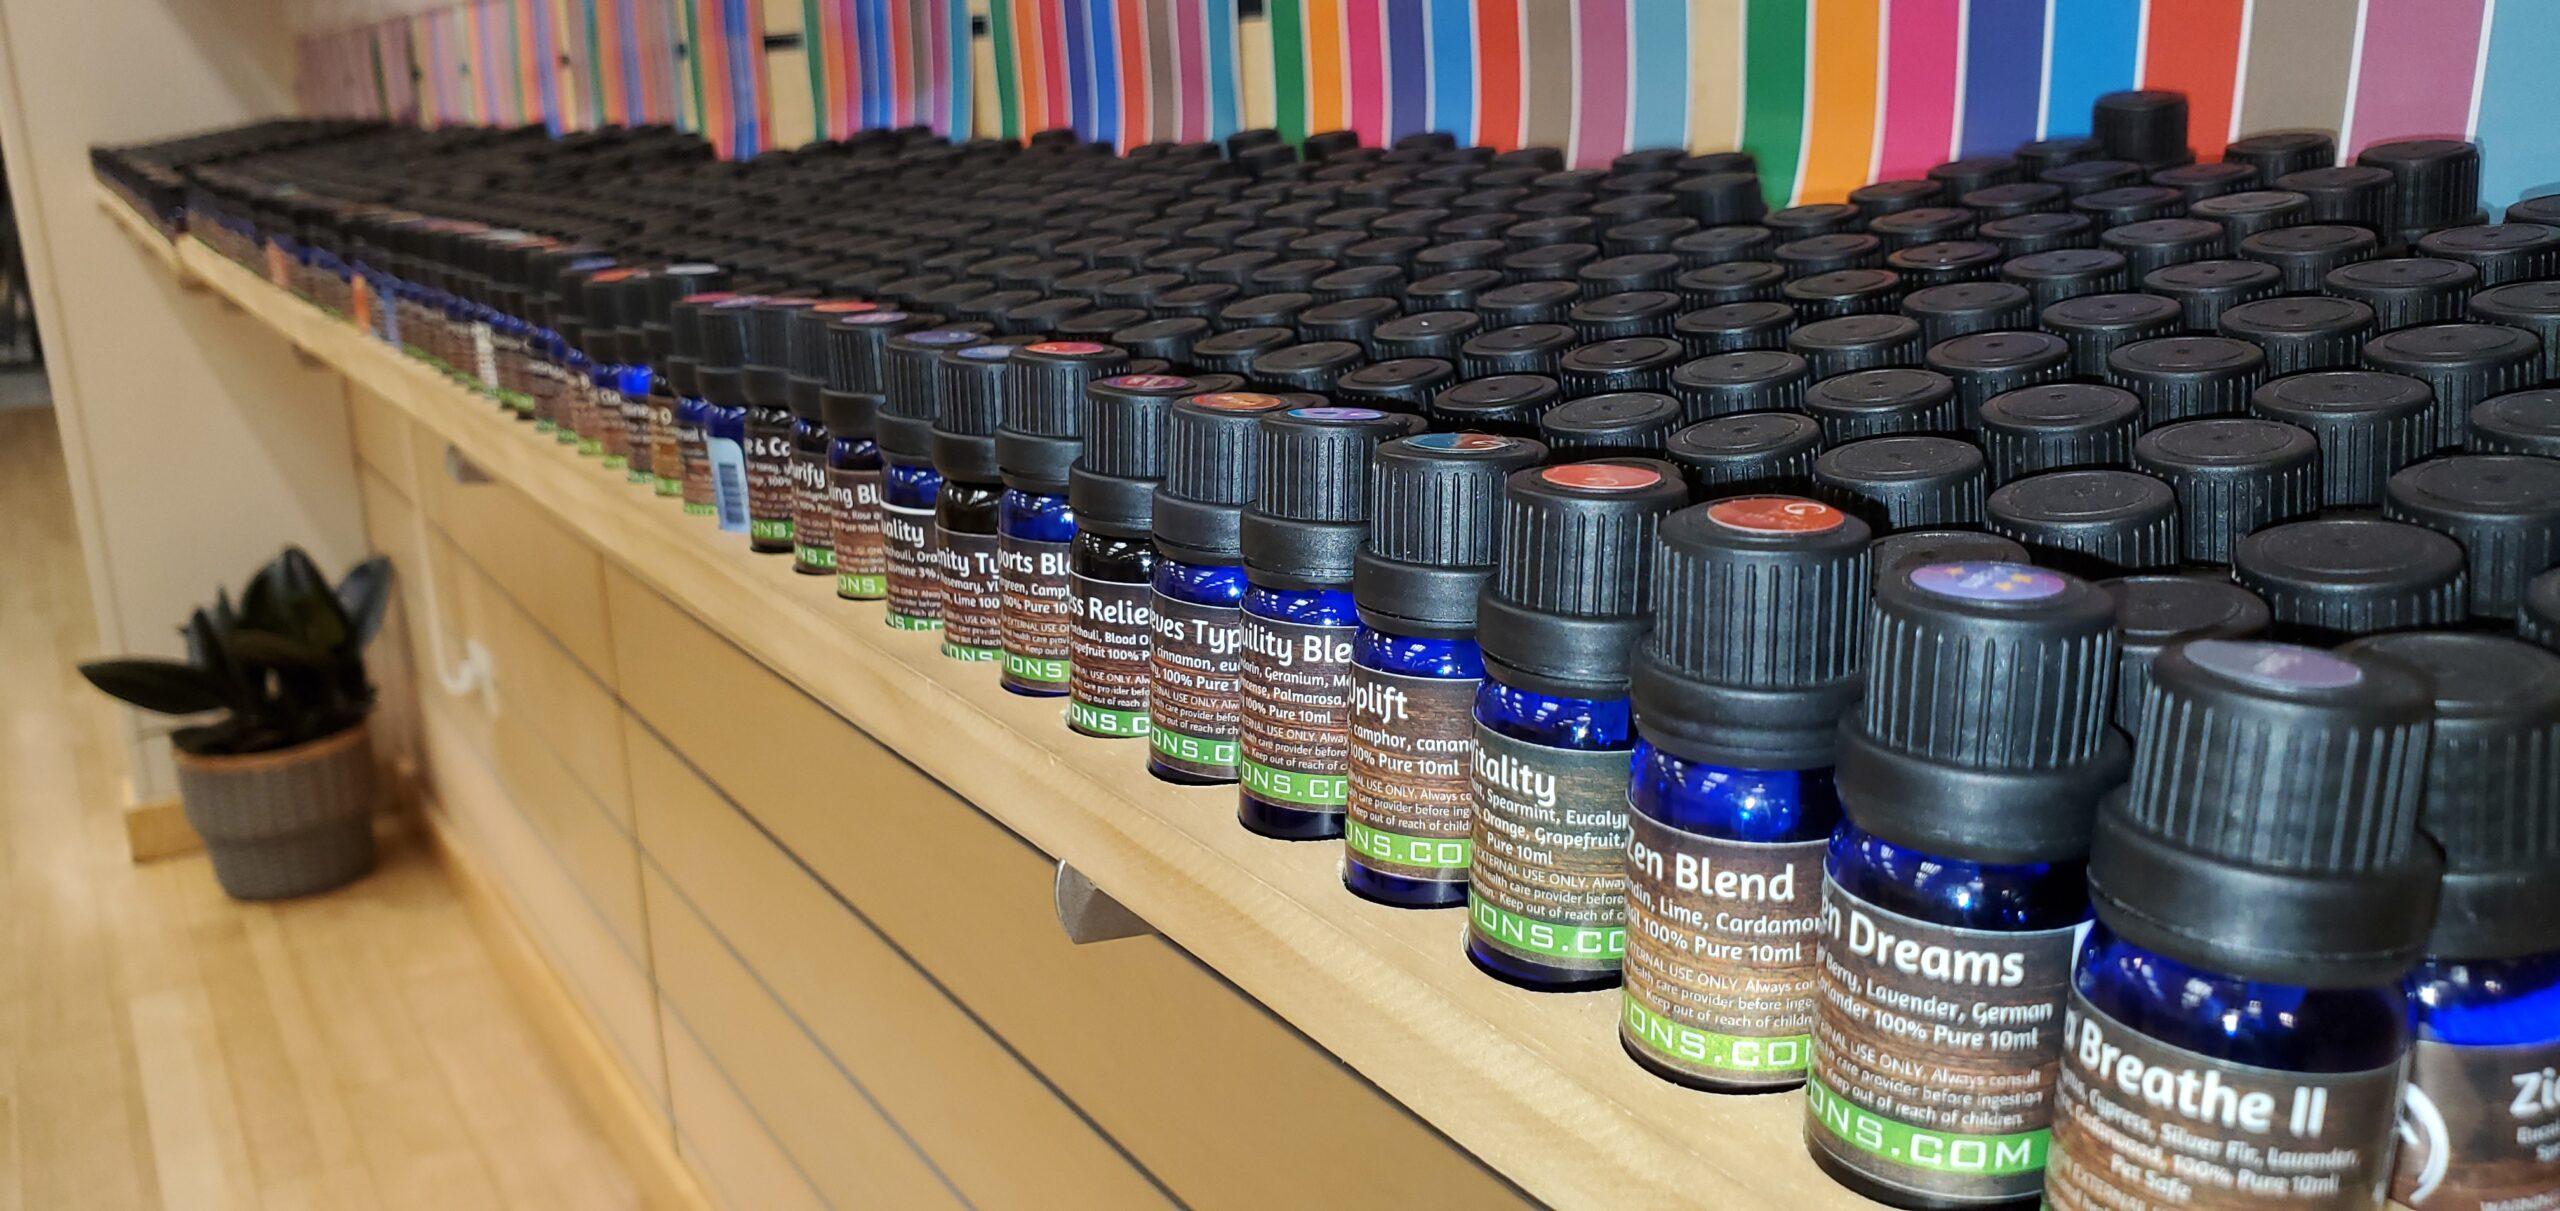 Start using Zia Zensations oils